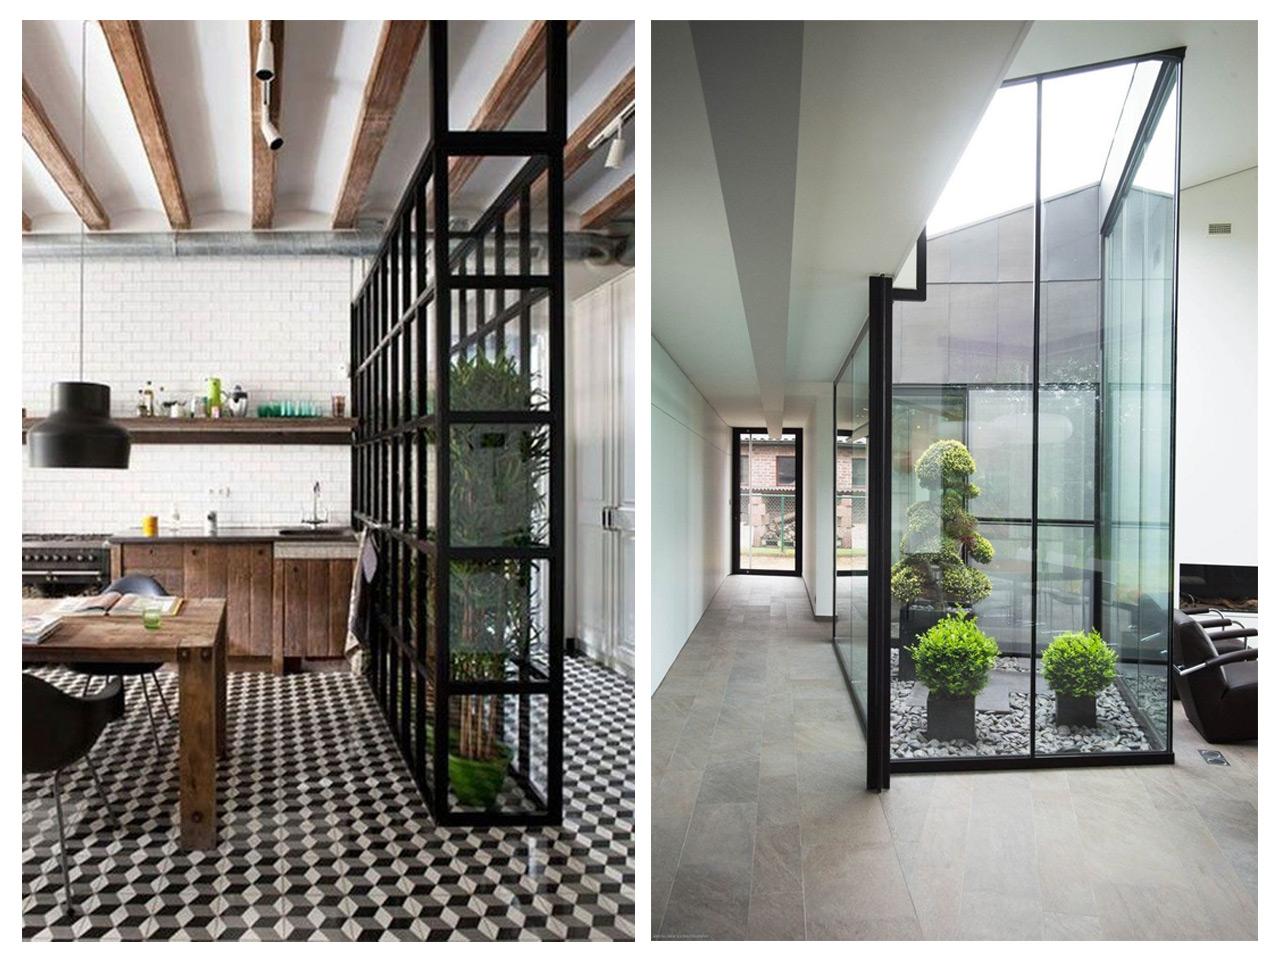 Dividir espacios abiertos con trucos decorativos for Como dividir un ambiente